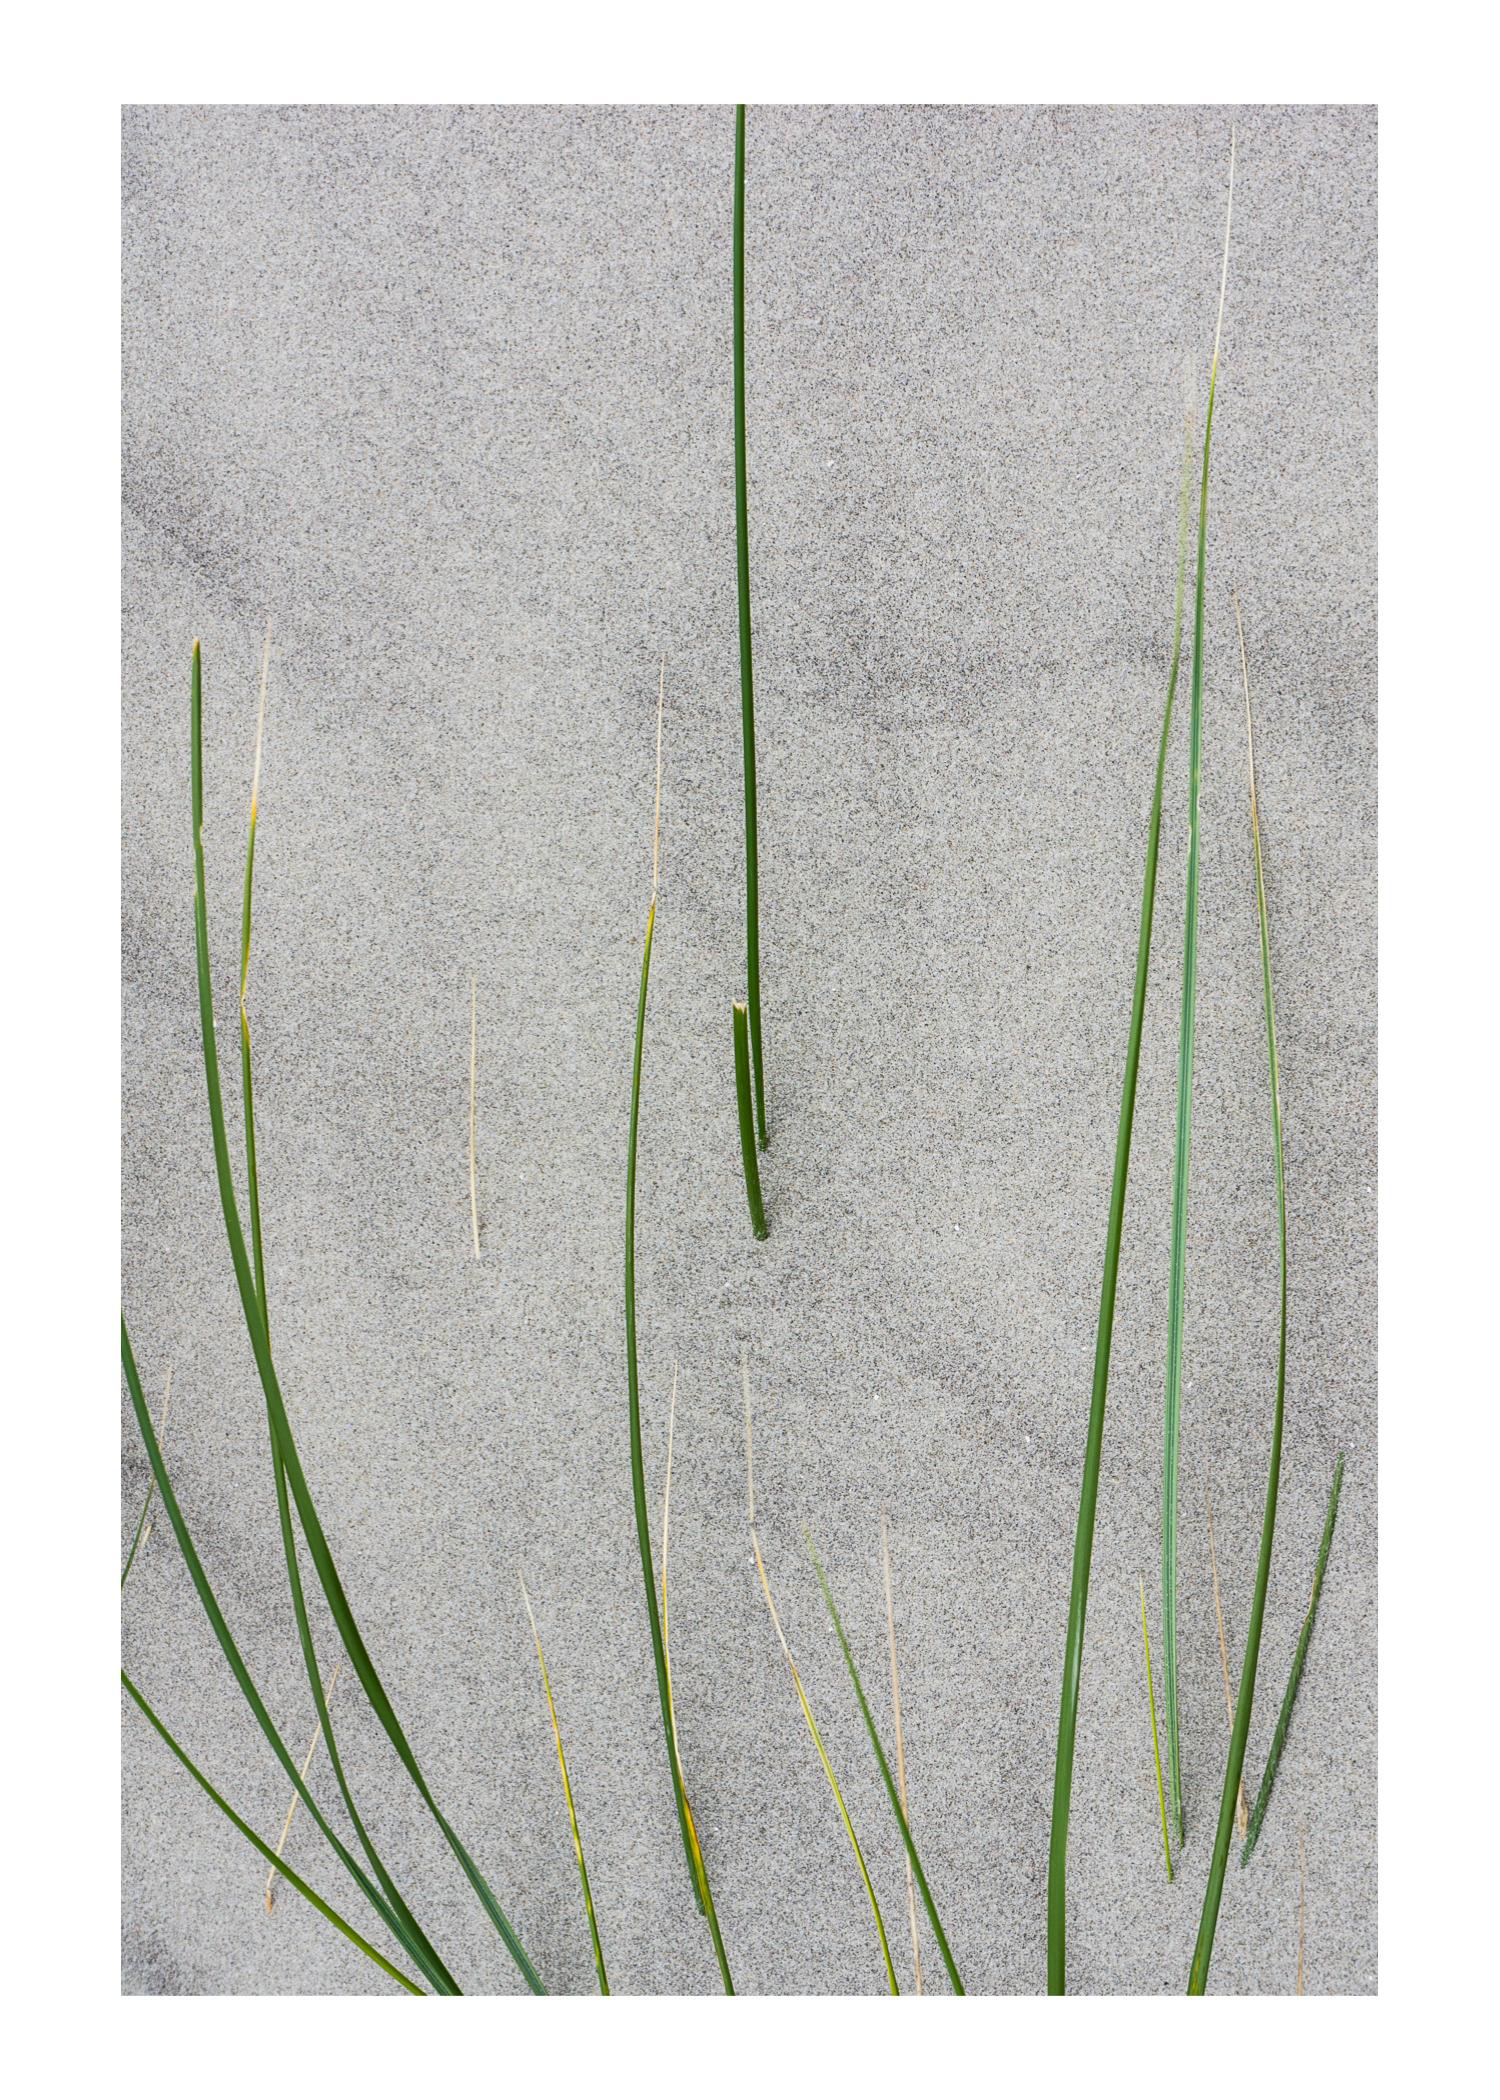 2013 Ameland strand grassprieten